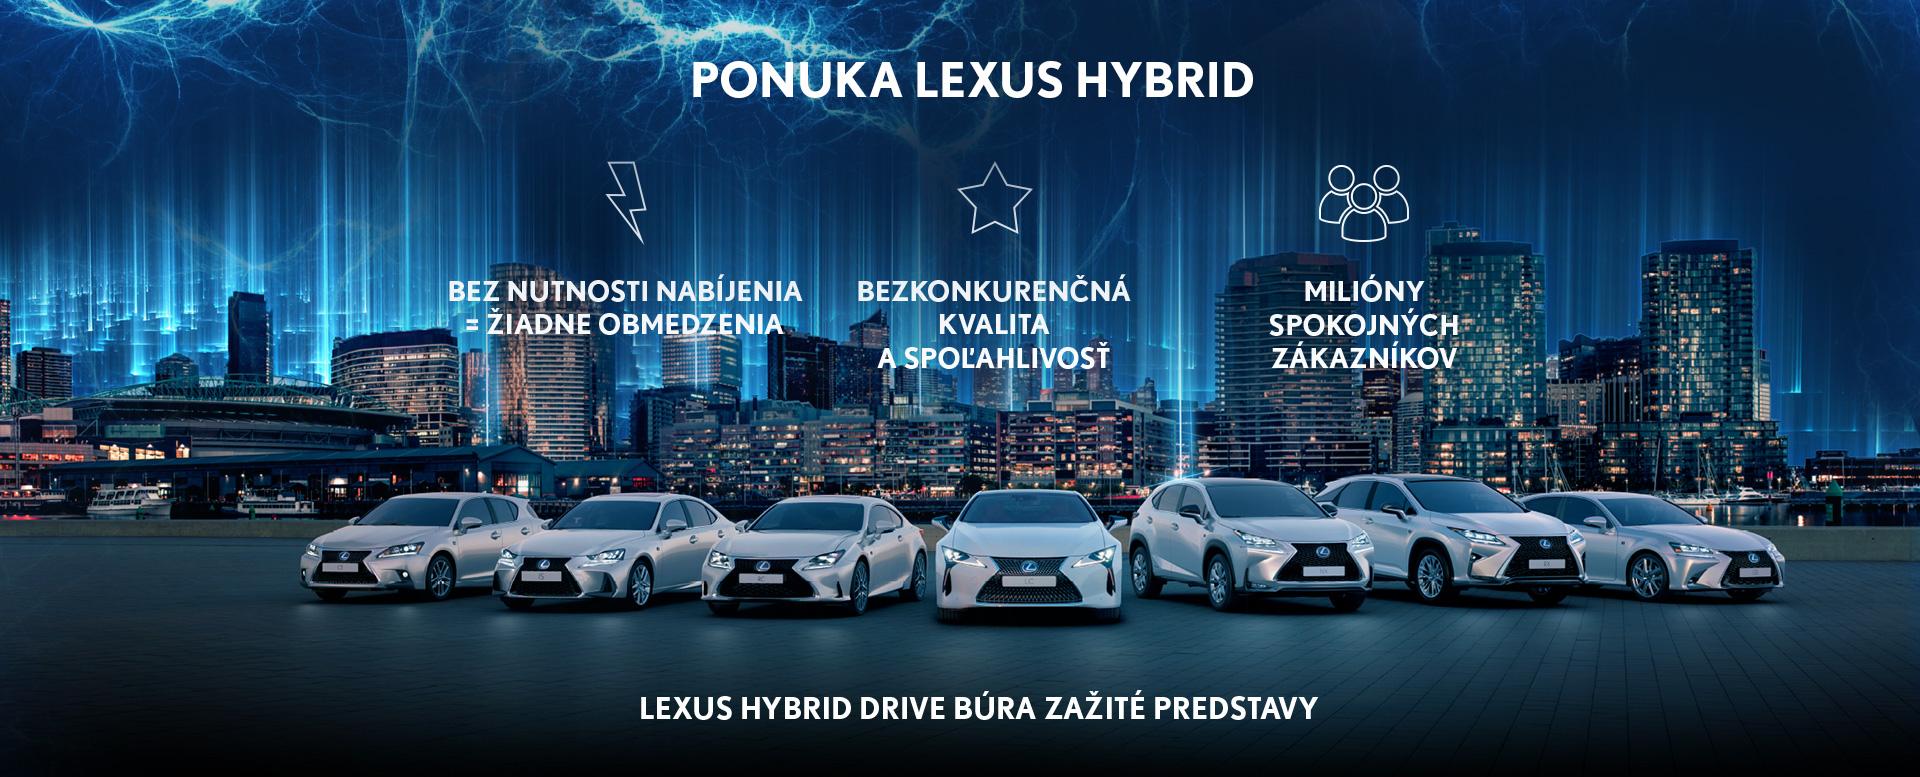 Hybrid Technology Image 2